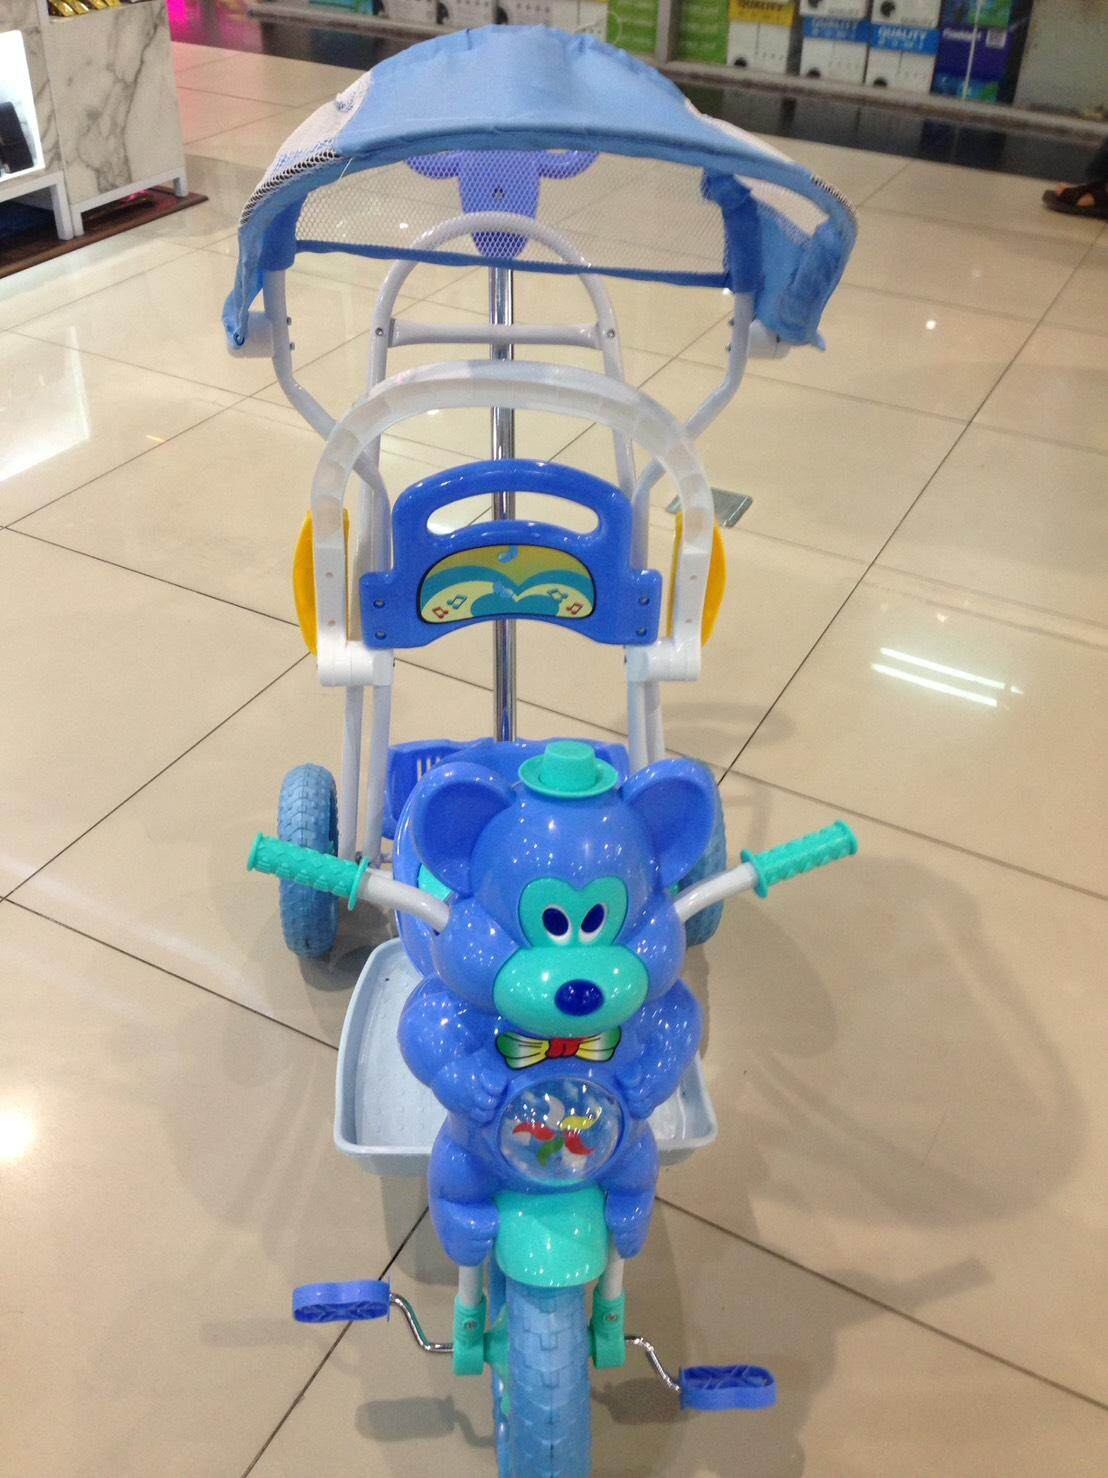 คูปอง Graco รถเข็นเด็กแบบนอน Graco : GRC1934714* รถเข็นเด็ก Fastaction Fold Jogger Click Connect Stroller ของดี ราคาถูก